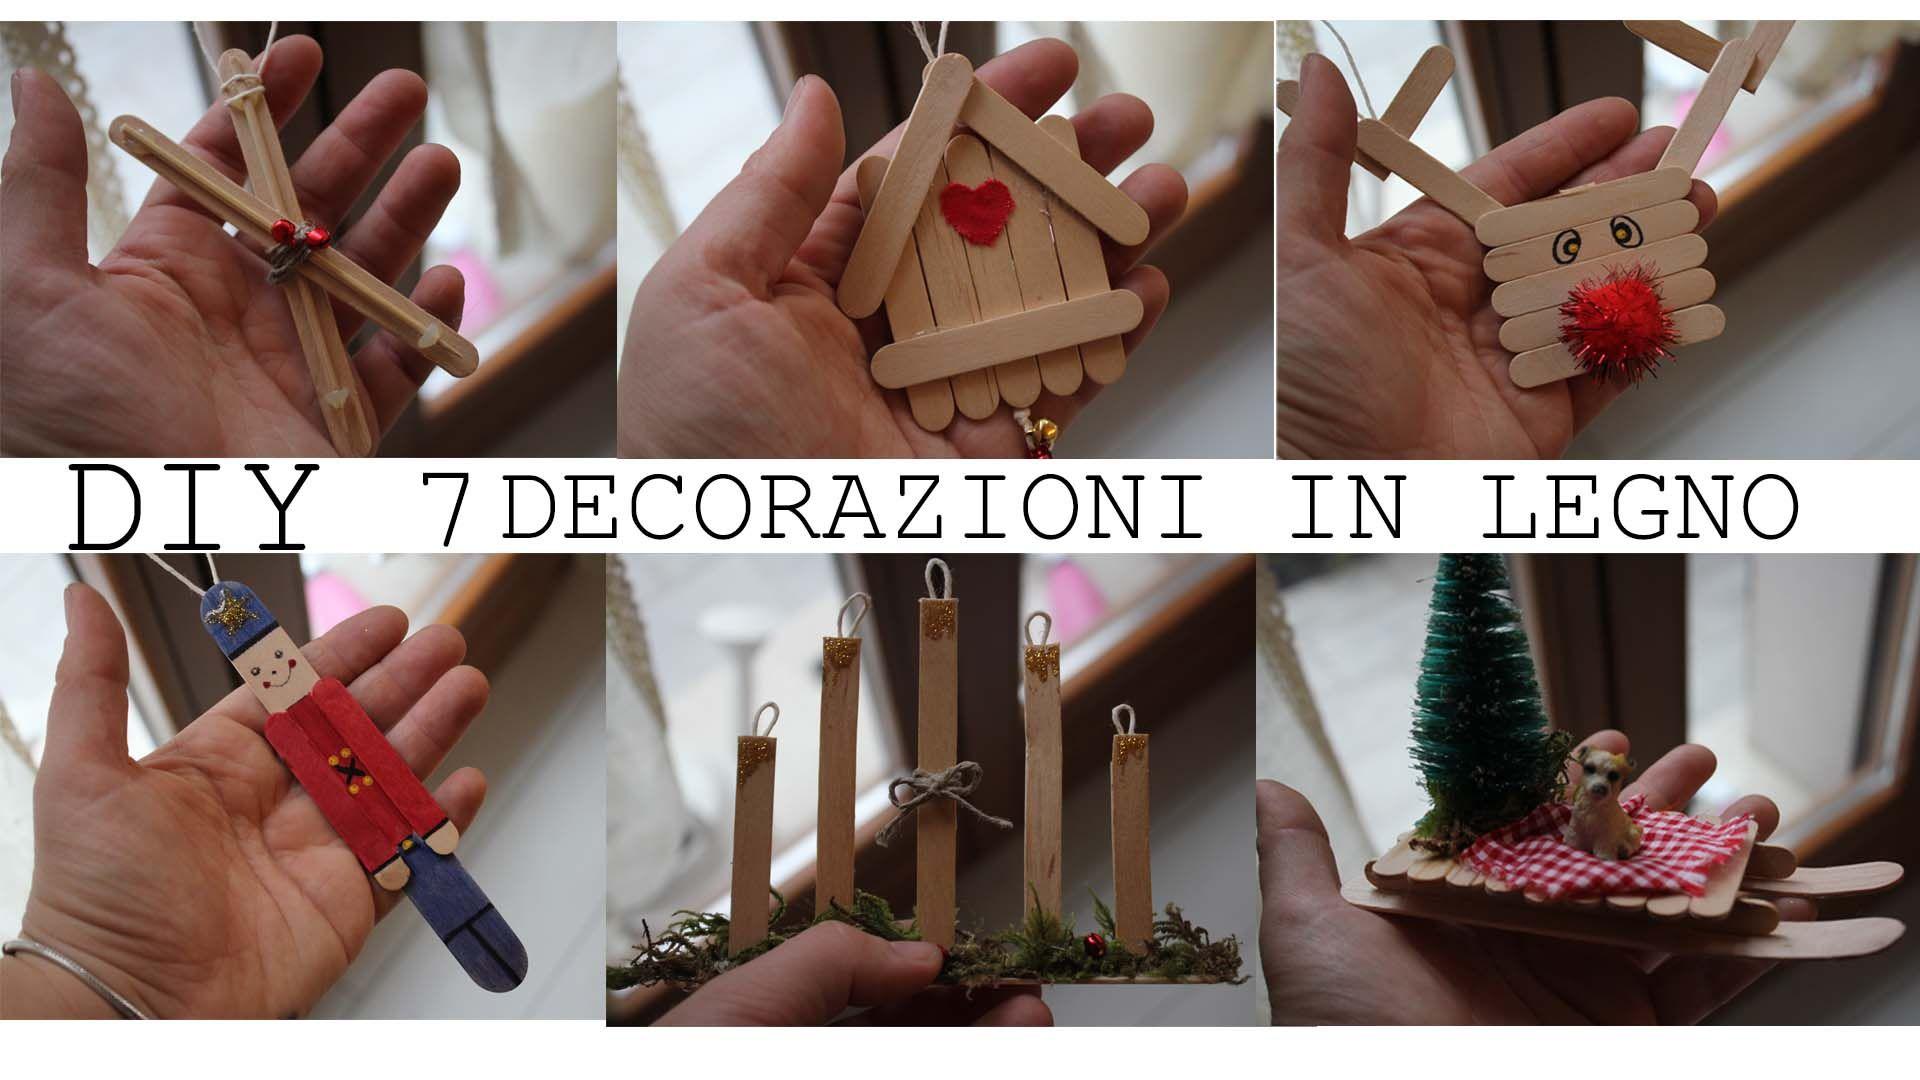 Decorazioni In Legno Per La Casa : Decorazioni per natale fatte in casa in legno con stecchini del